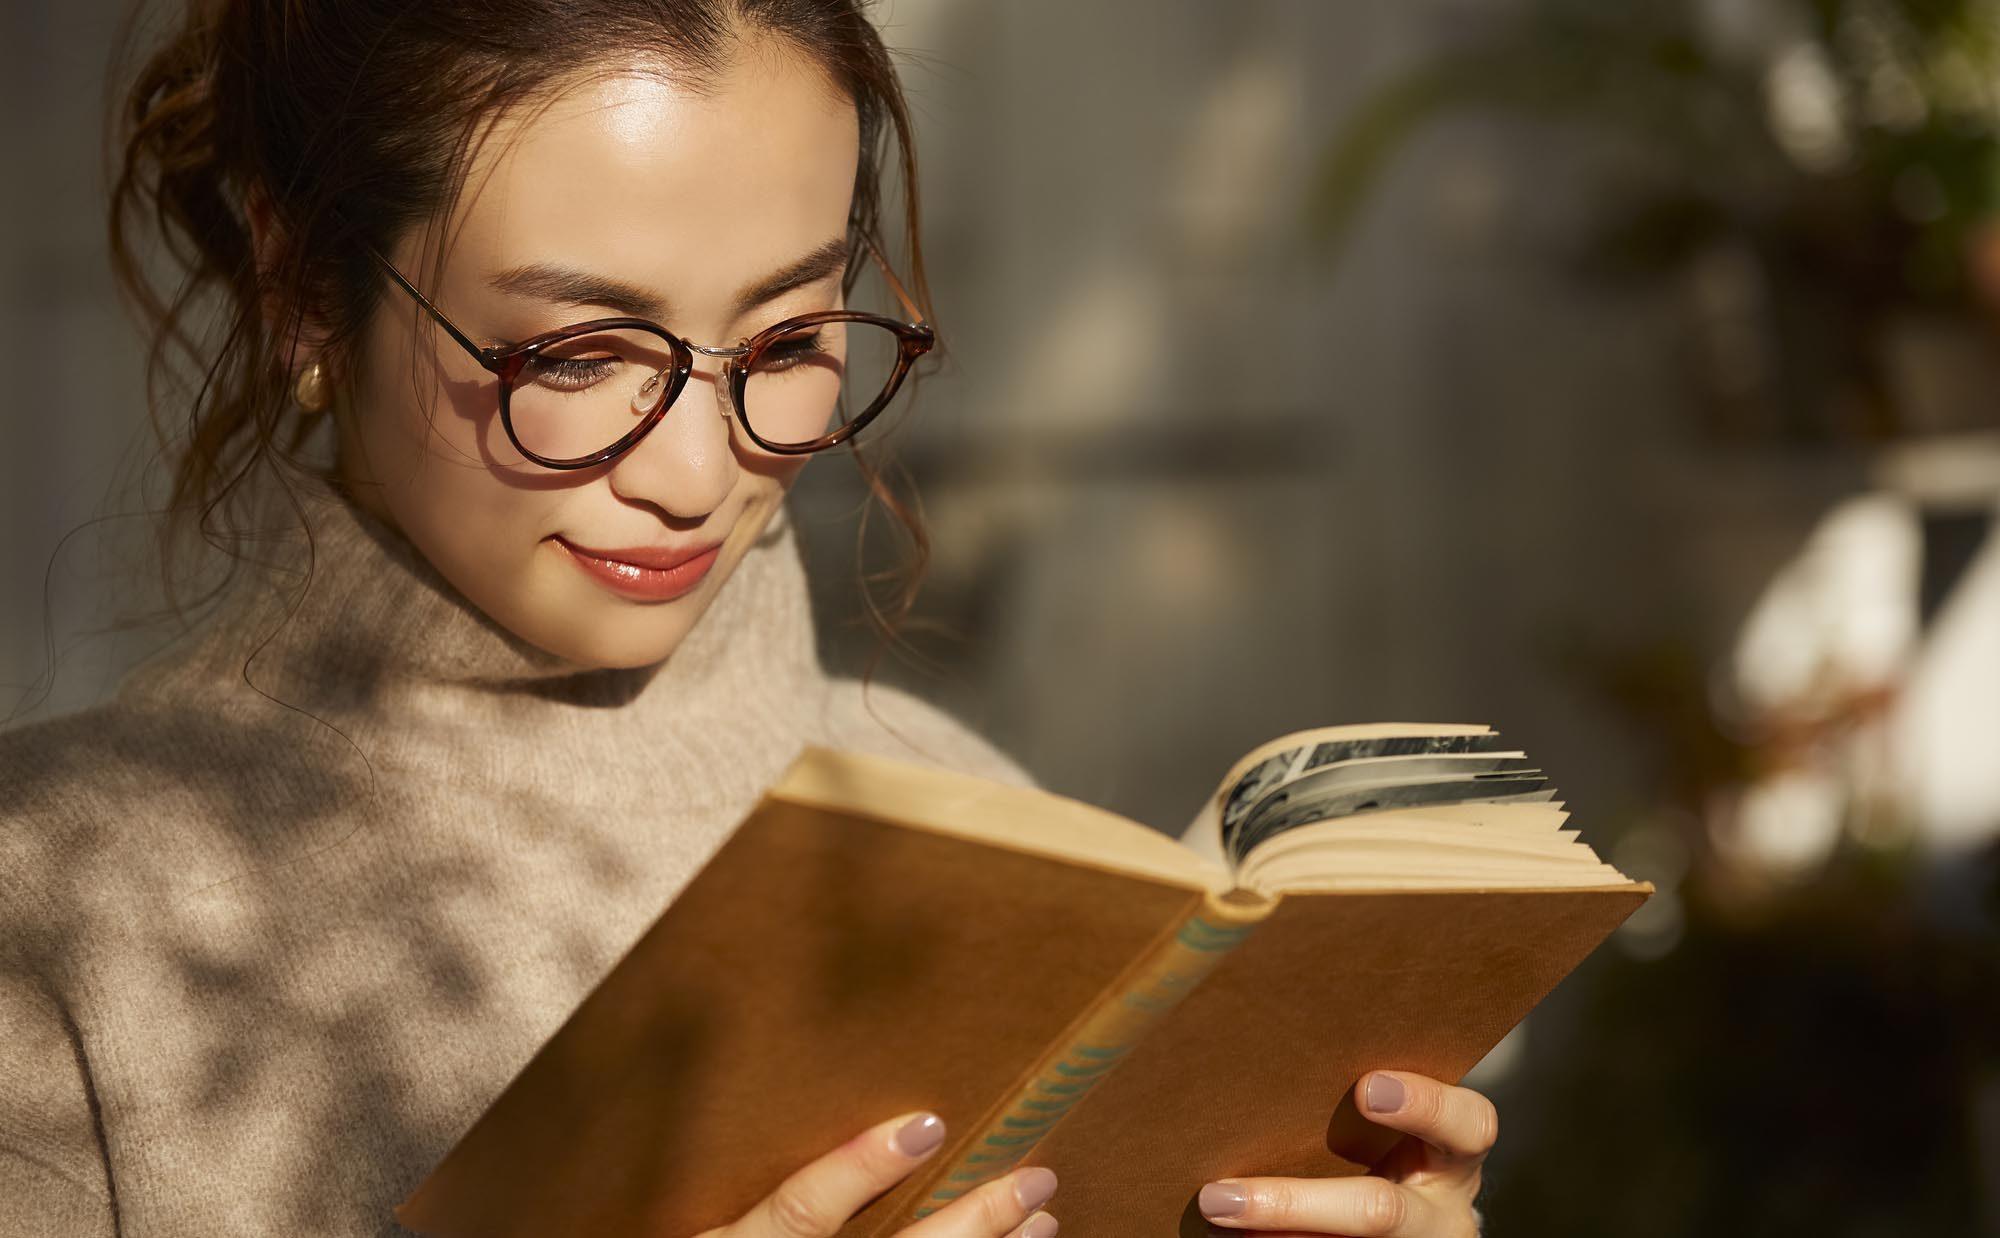 【特集】読書にお酒にホームシアターに、秋の夜長のちょっといい過ごし方